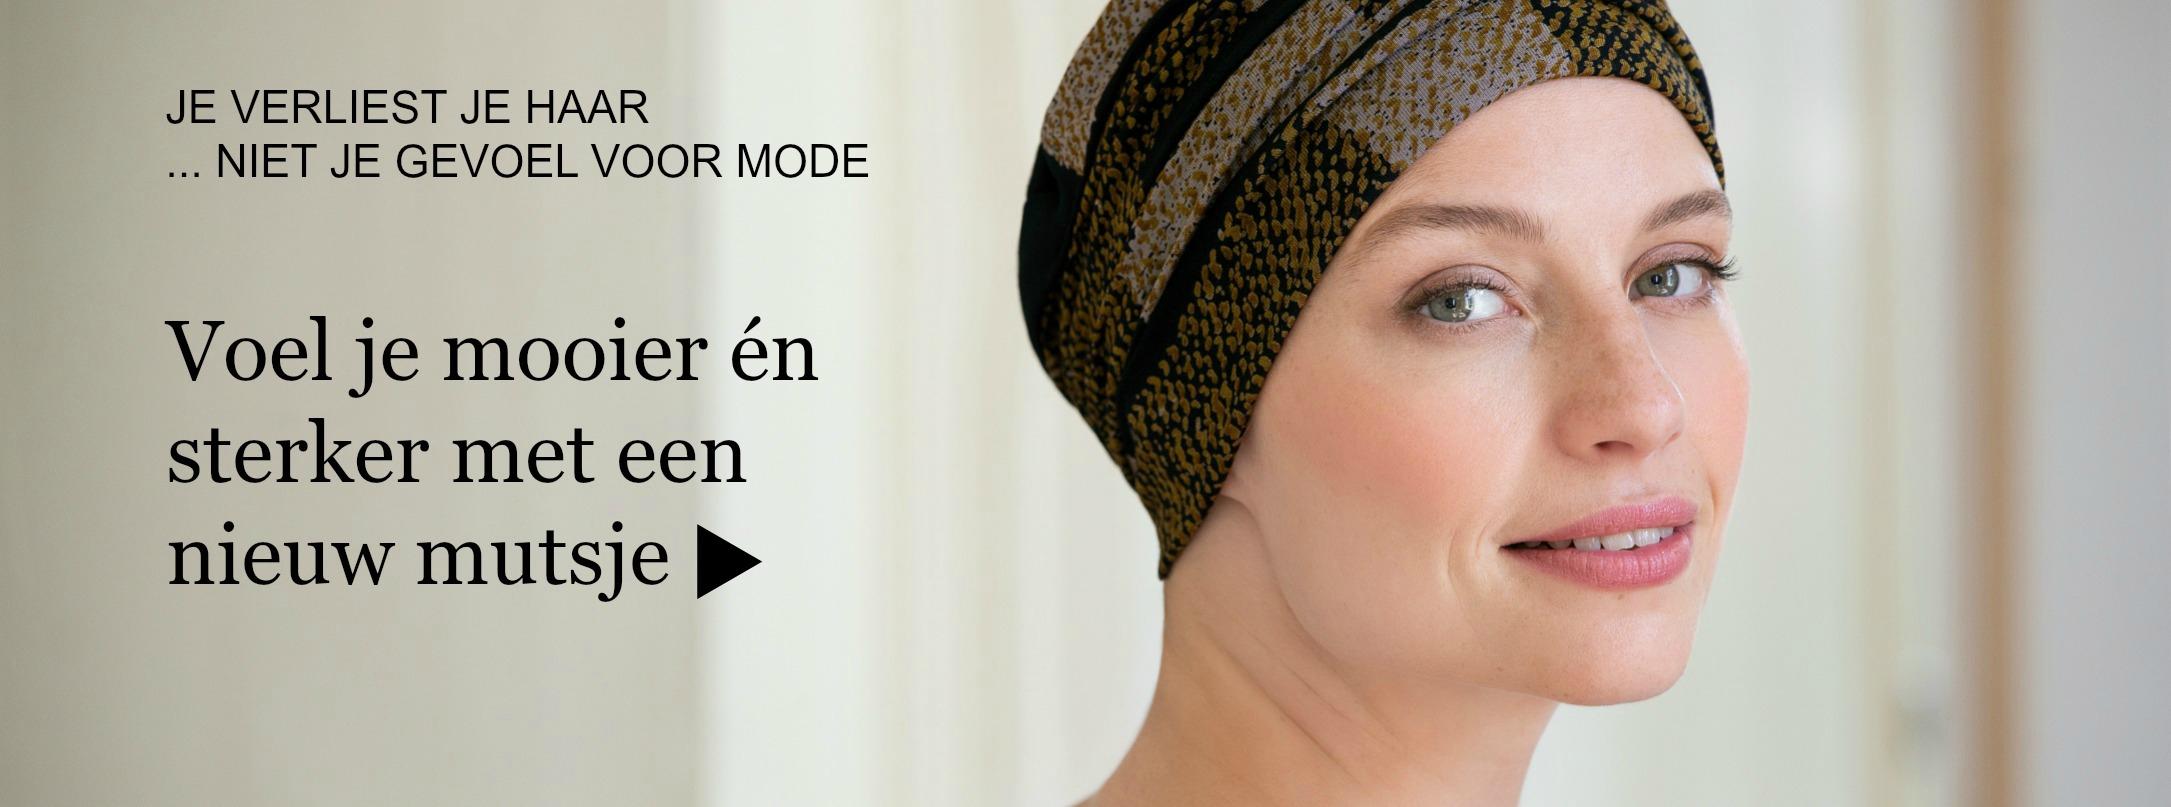 Chemo mutsjes voor haarverlies bij kanker of alopecia